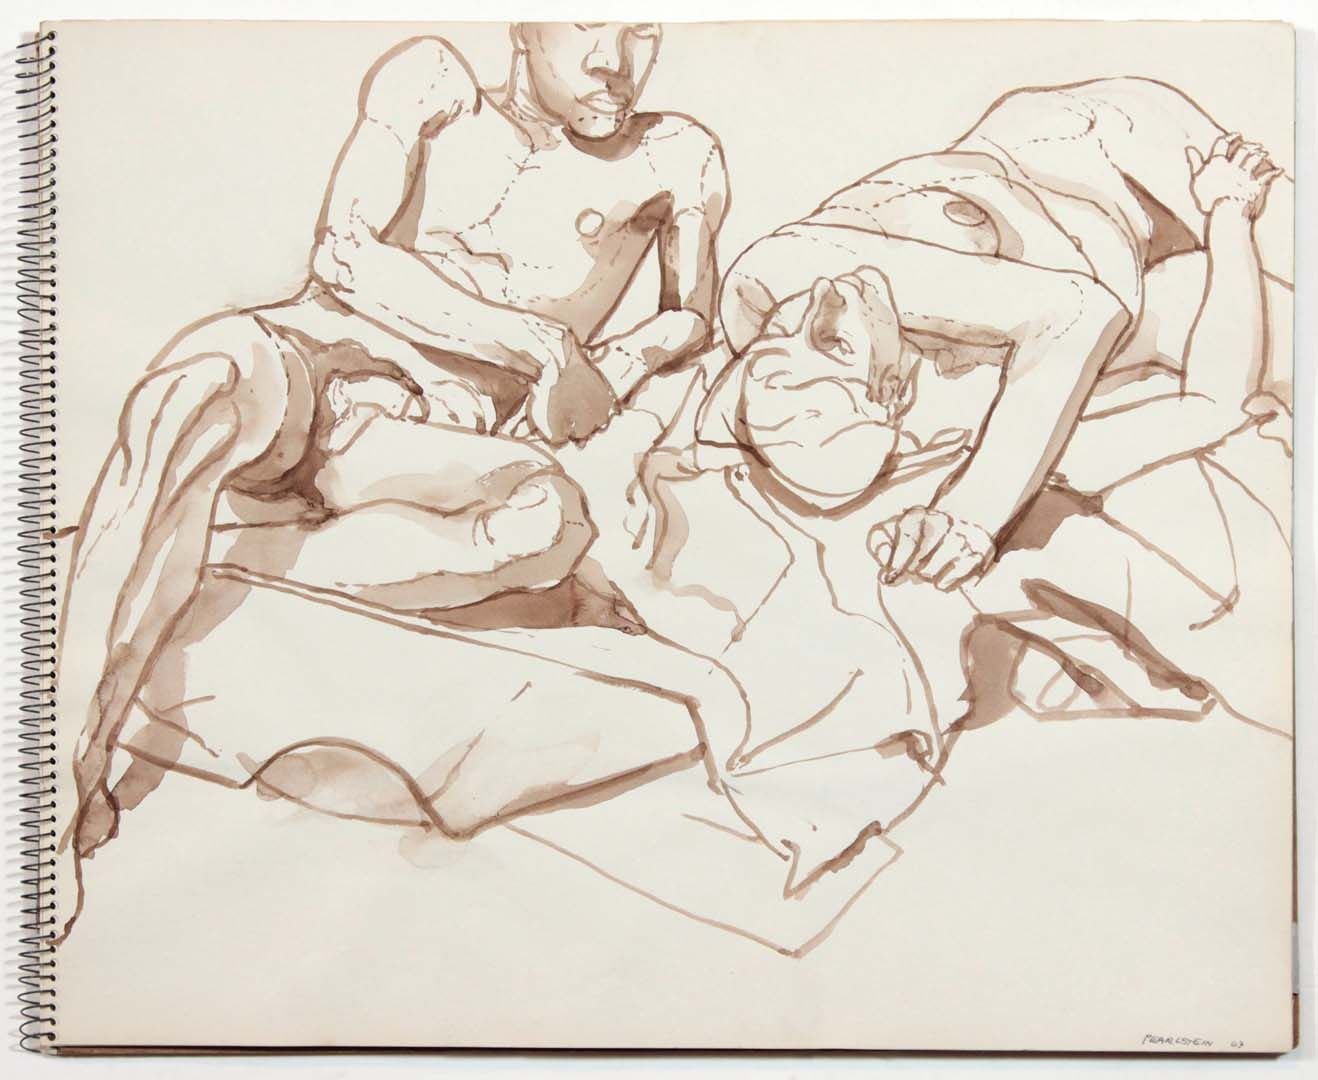 1963 Untitled Wash 14 x 17